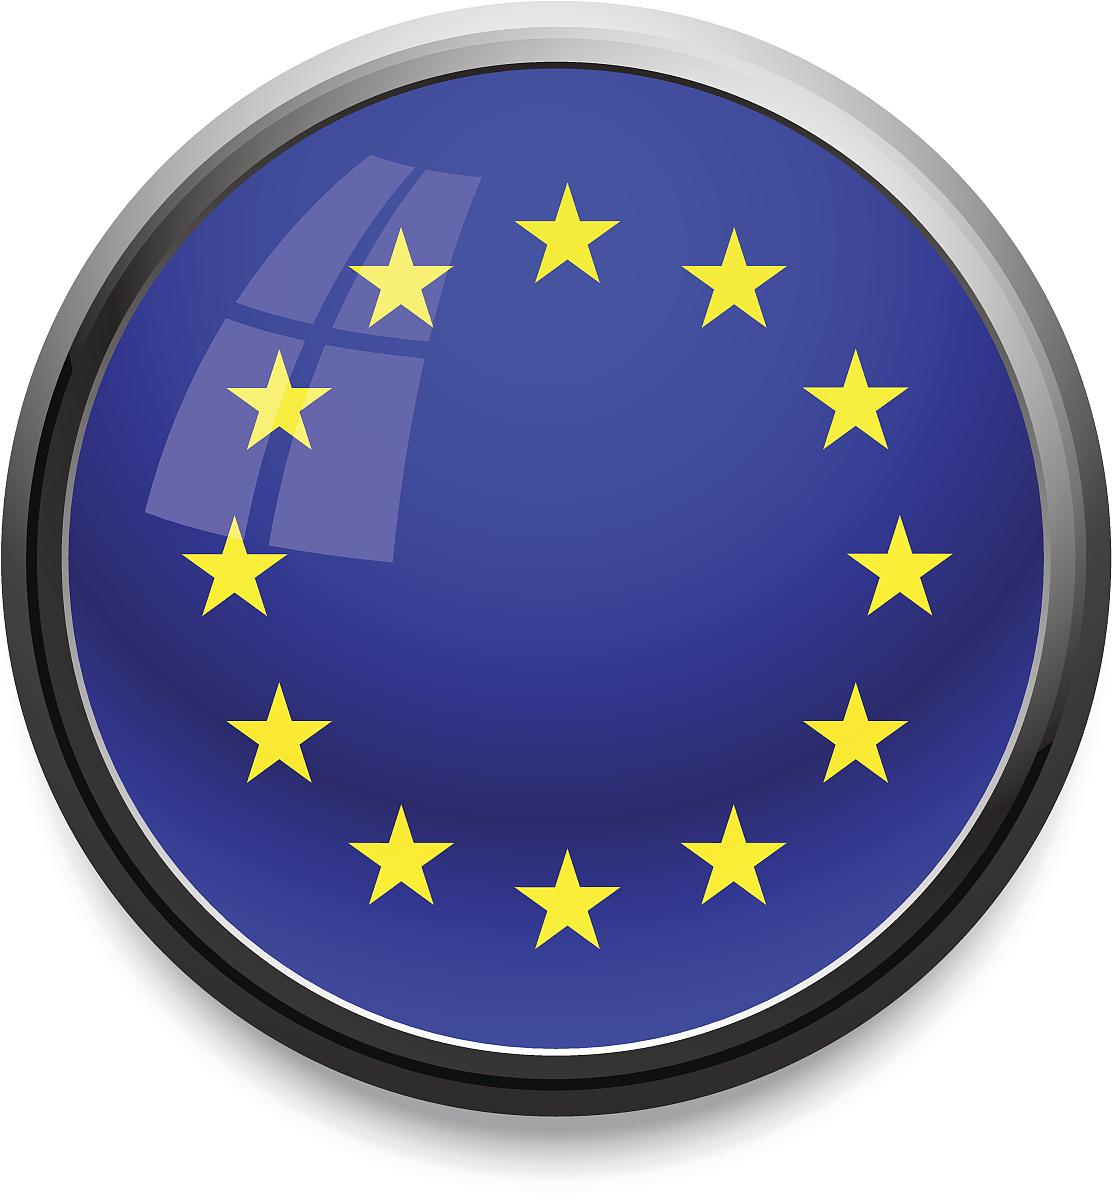 欧盟-国旗图标图片